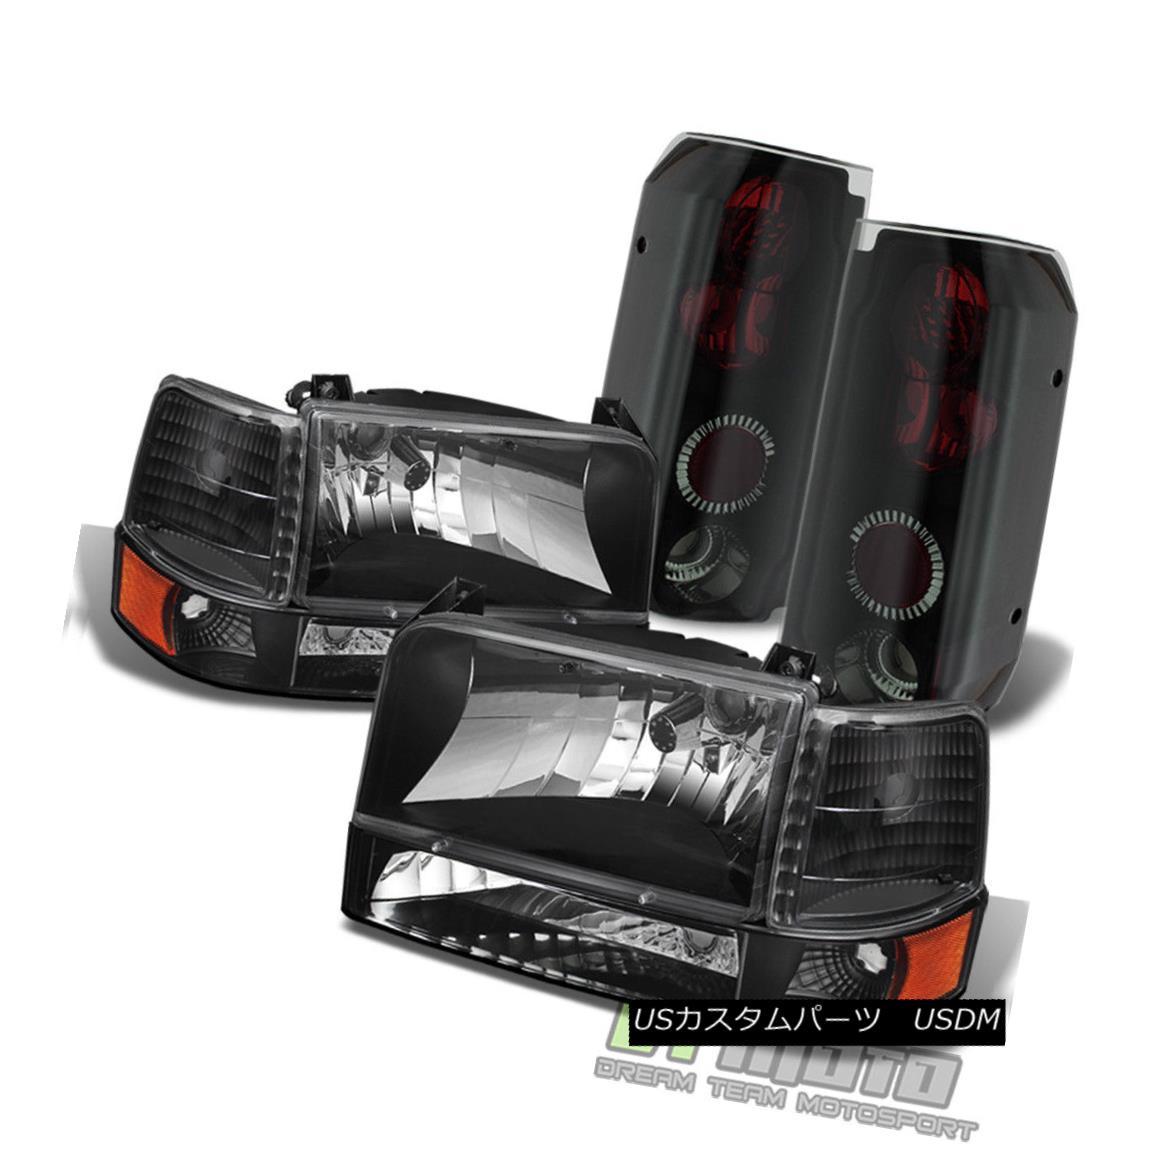 ヘッドライト 1992-1996 Ford F150 F250 Bronco Headlights+Bumper Corner+Black Smoke Tail Lamps 1992-1996 Ford F150 F250ブロンコヘッドライト+ブーン コーナー+ブラックスモークテールランプ